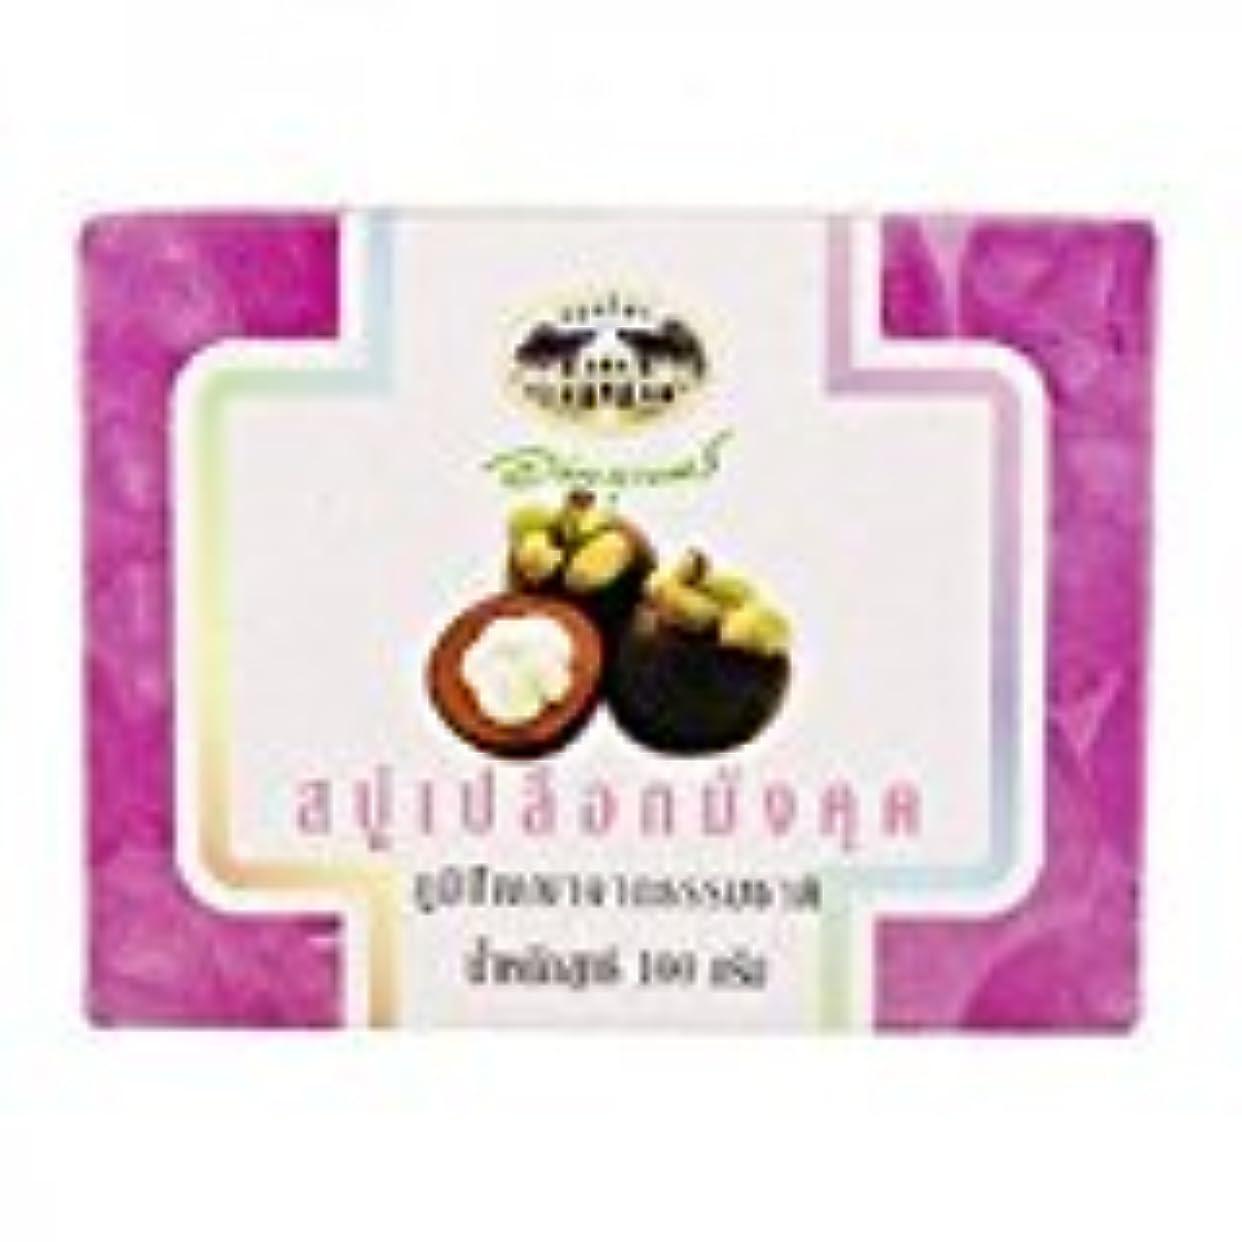 収益前売左マンゴスチン石鹸 abhaibhubejhr Mangosteen Peel Soap 100g 1個